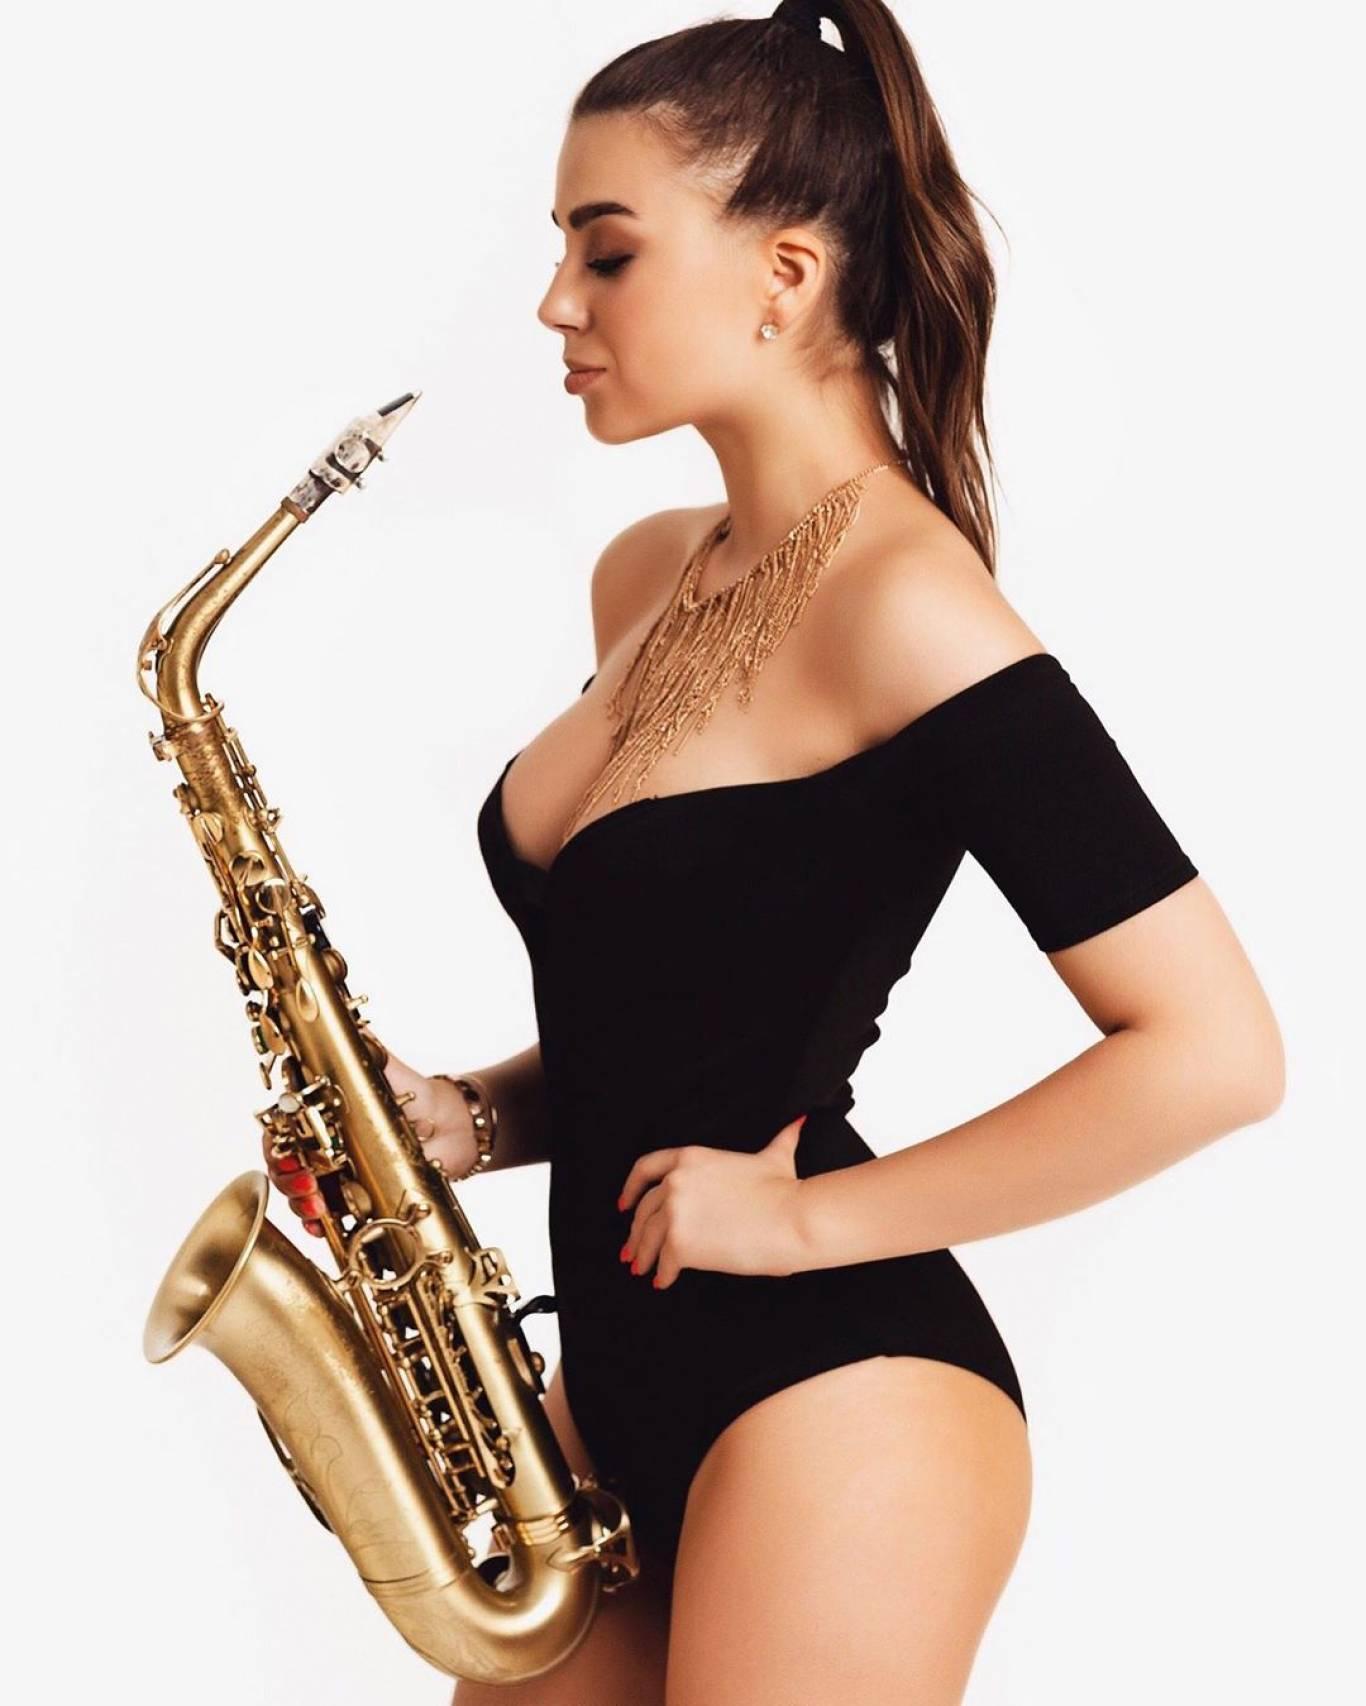 картинки лиза взрослая на саксофоне фронте